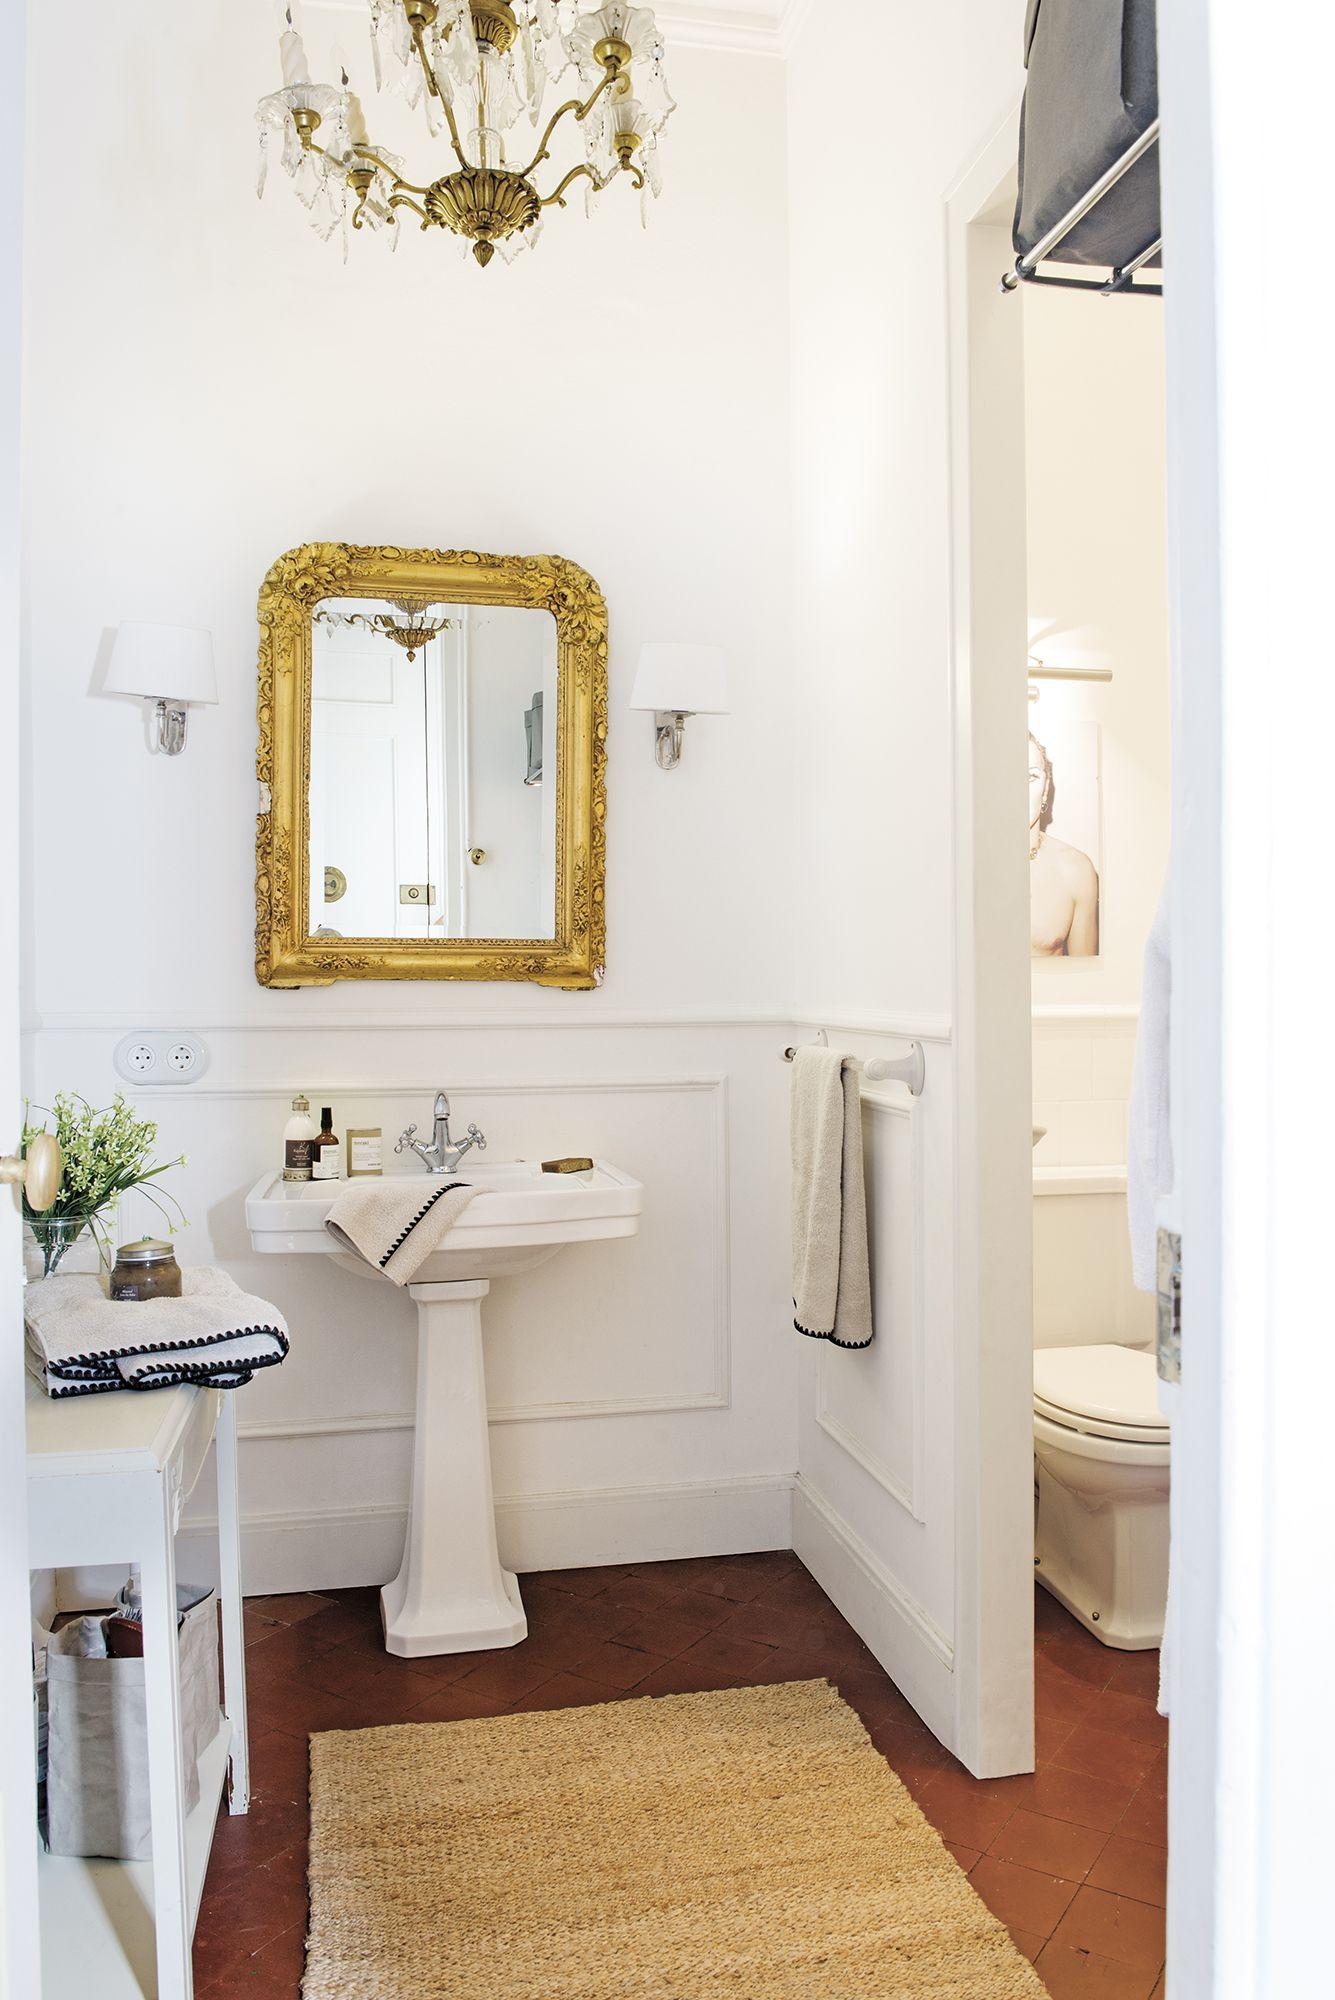 Decorar un ba o peque o con personalidad bathrooms - Decorar un bano pequeno ...